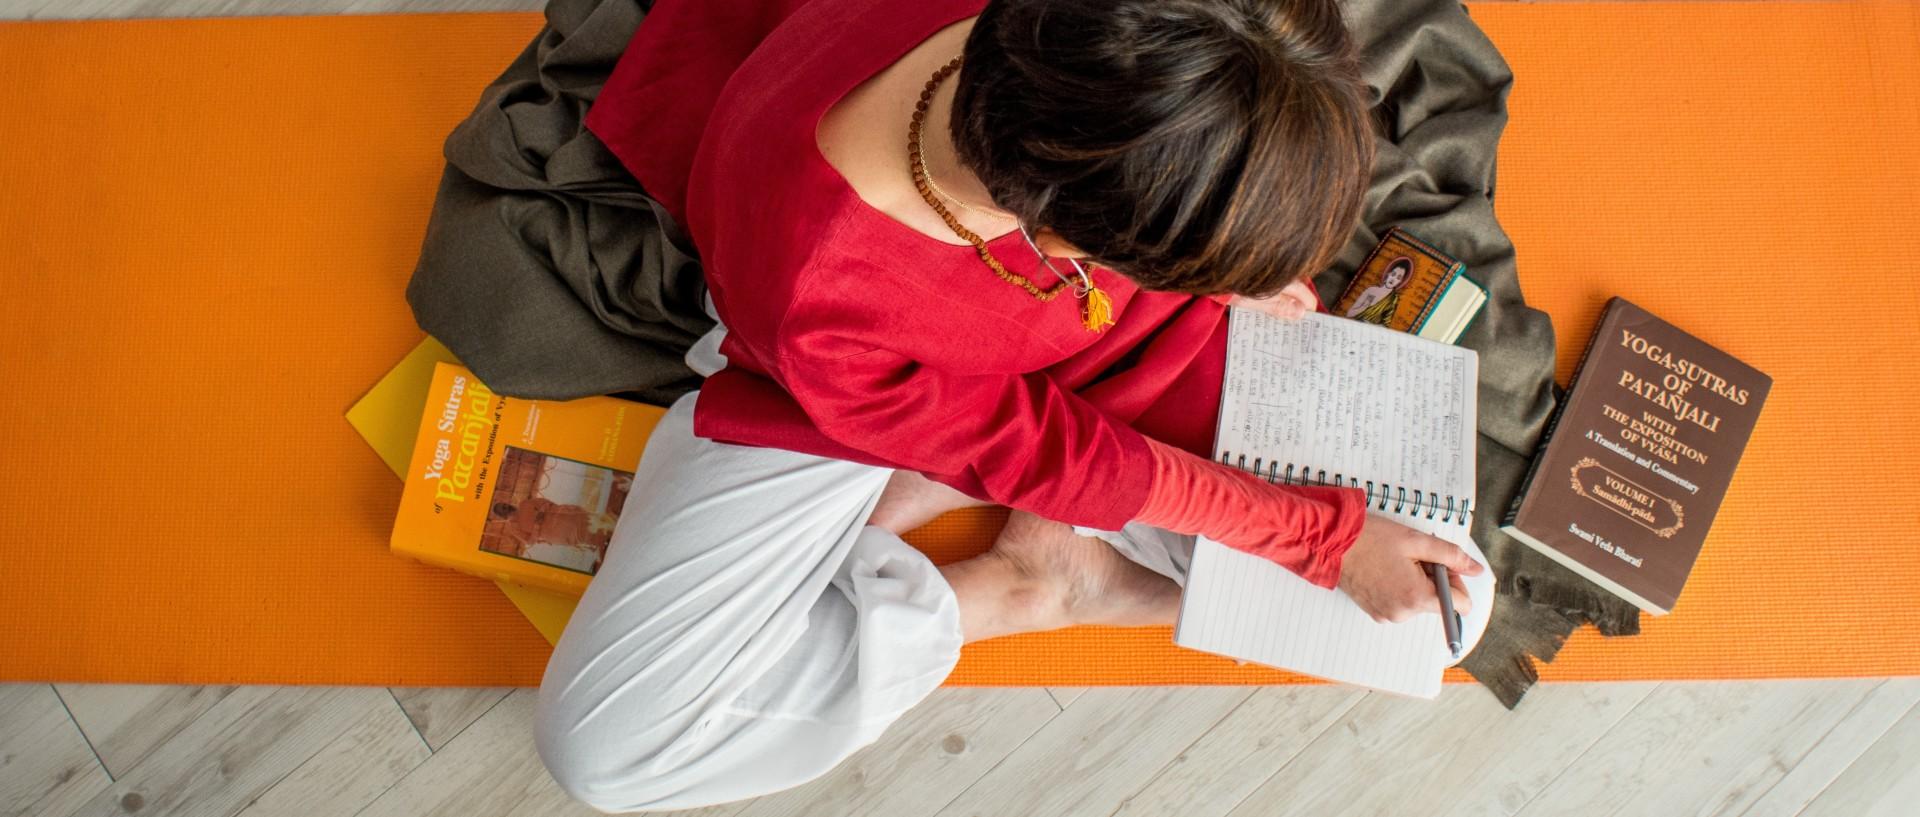 programma formazione insegnanti yoga firenze